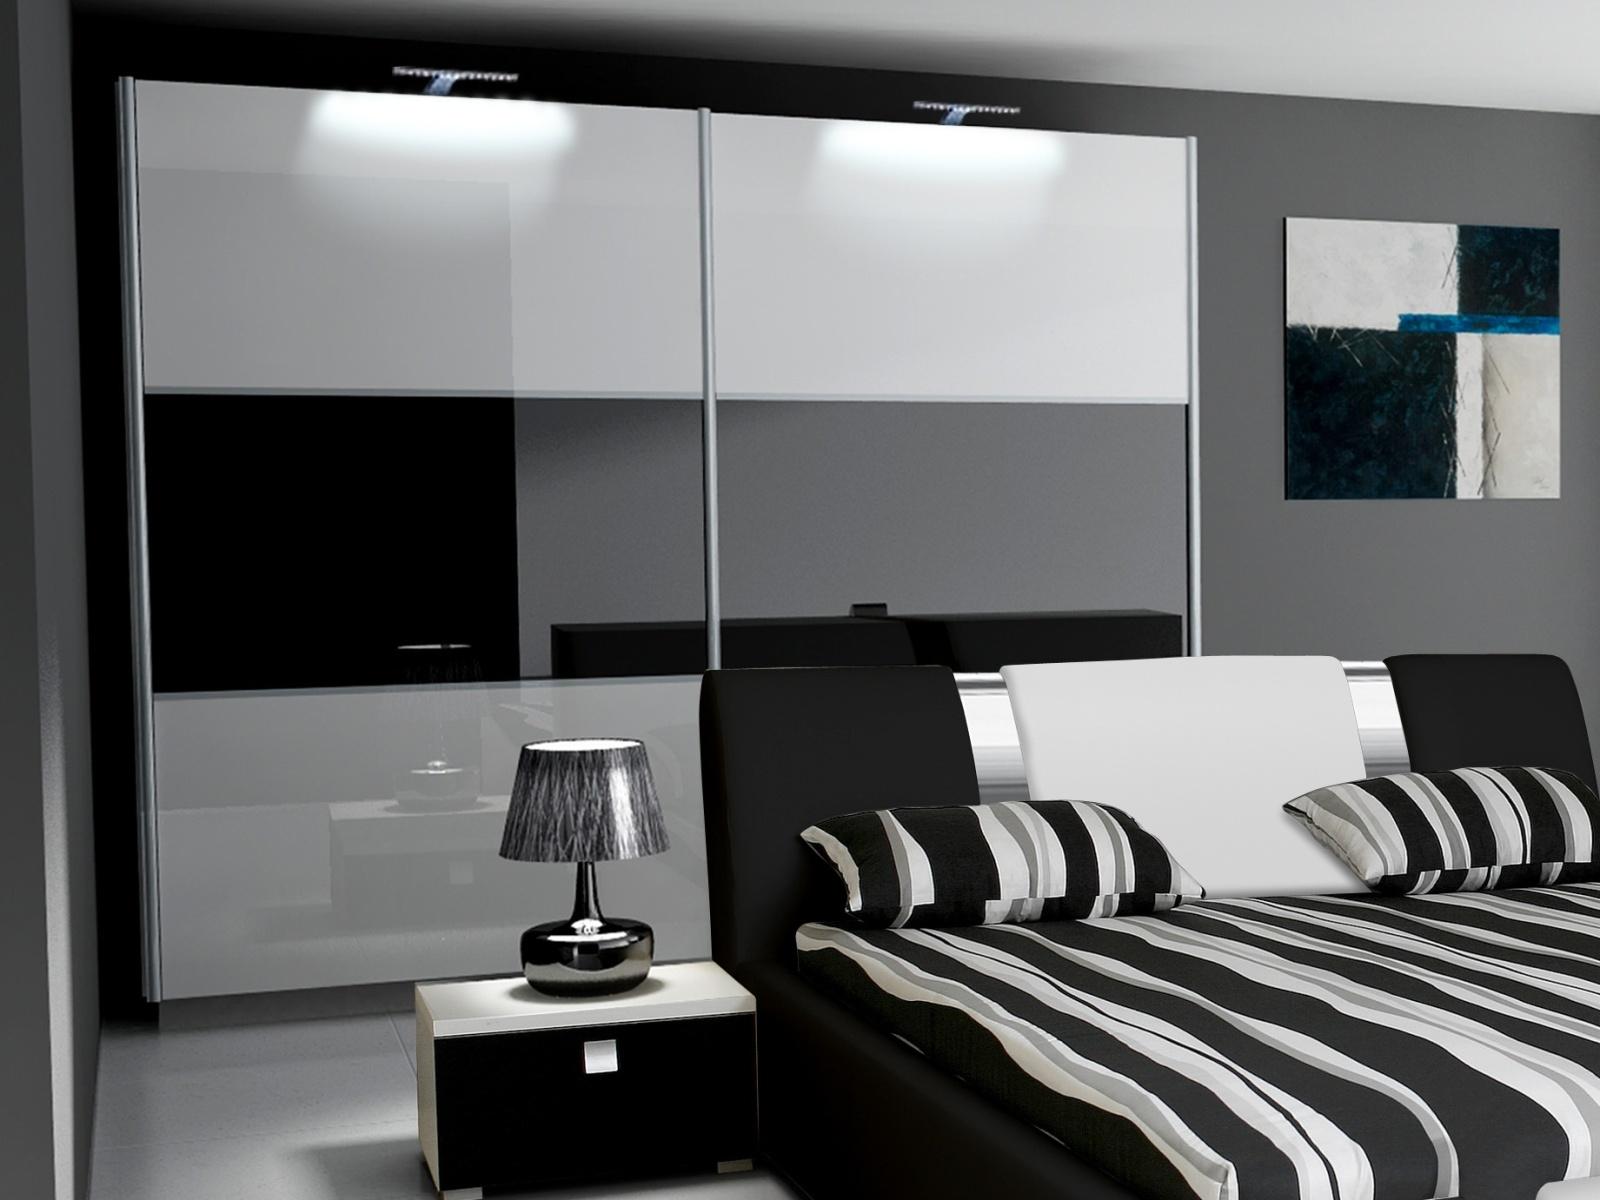 Smartshop Šatní skříň RIVA II 200, bílá/bílý + černý lesk